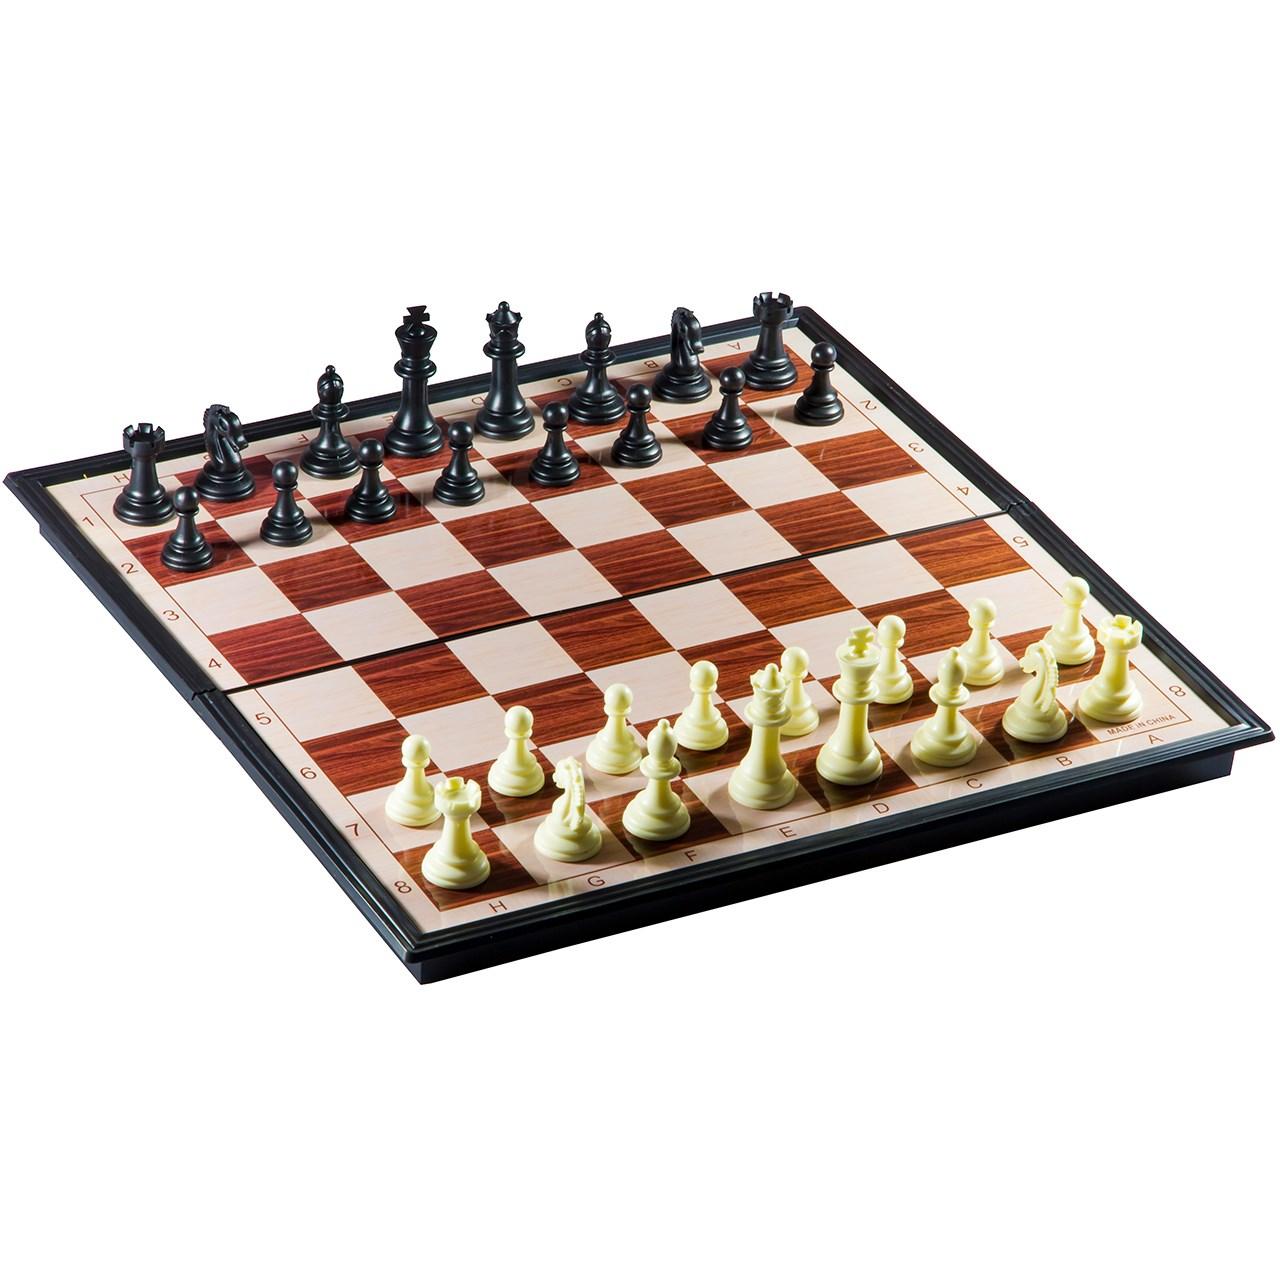 شطرنج آهنربایی آئو چینگ برینز چس مدل No.8708